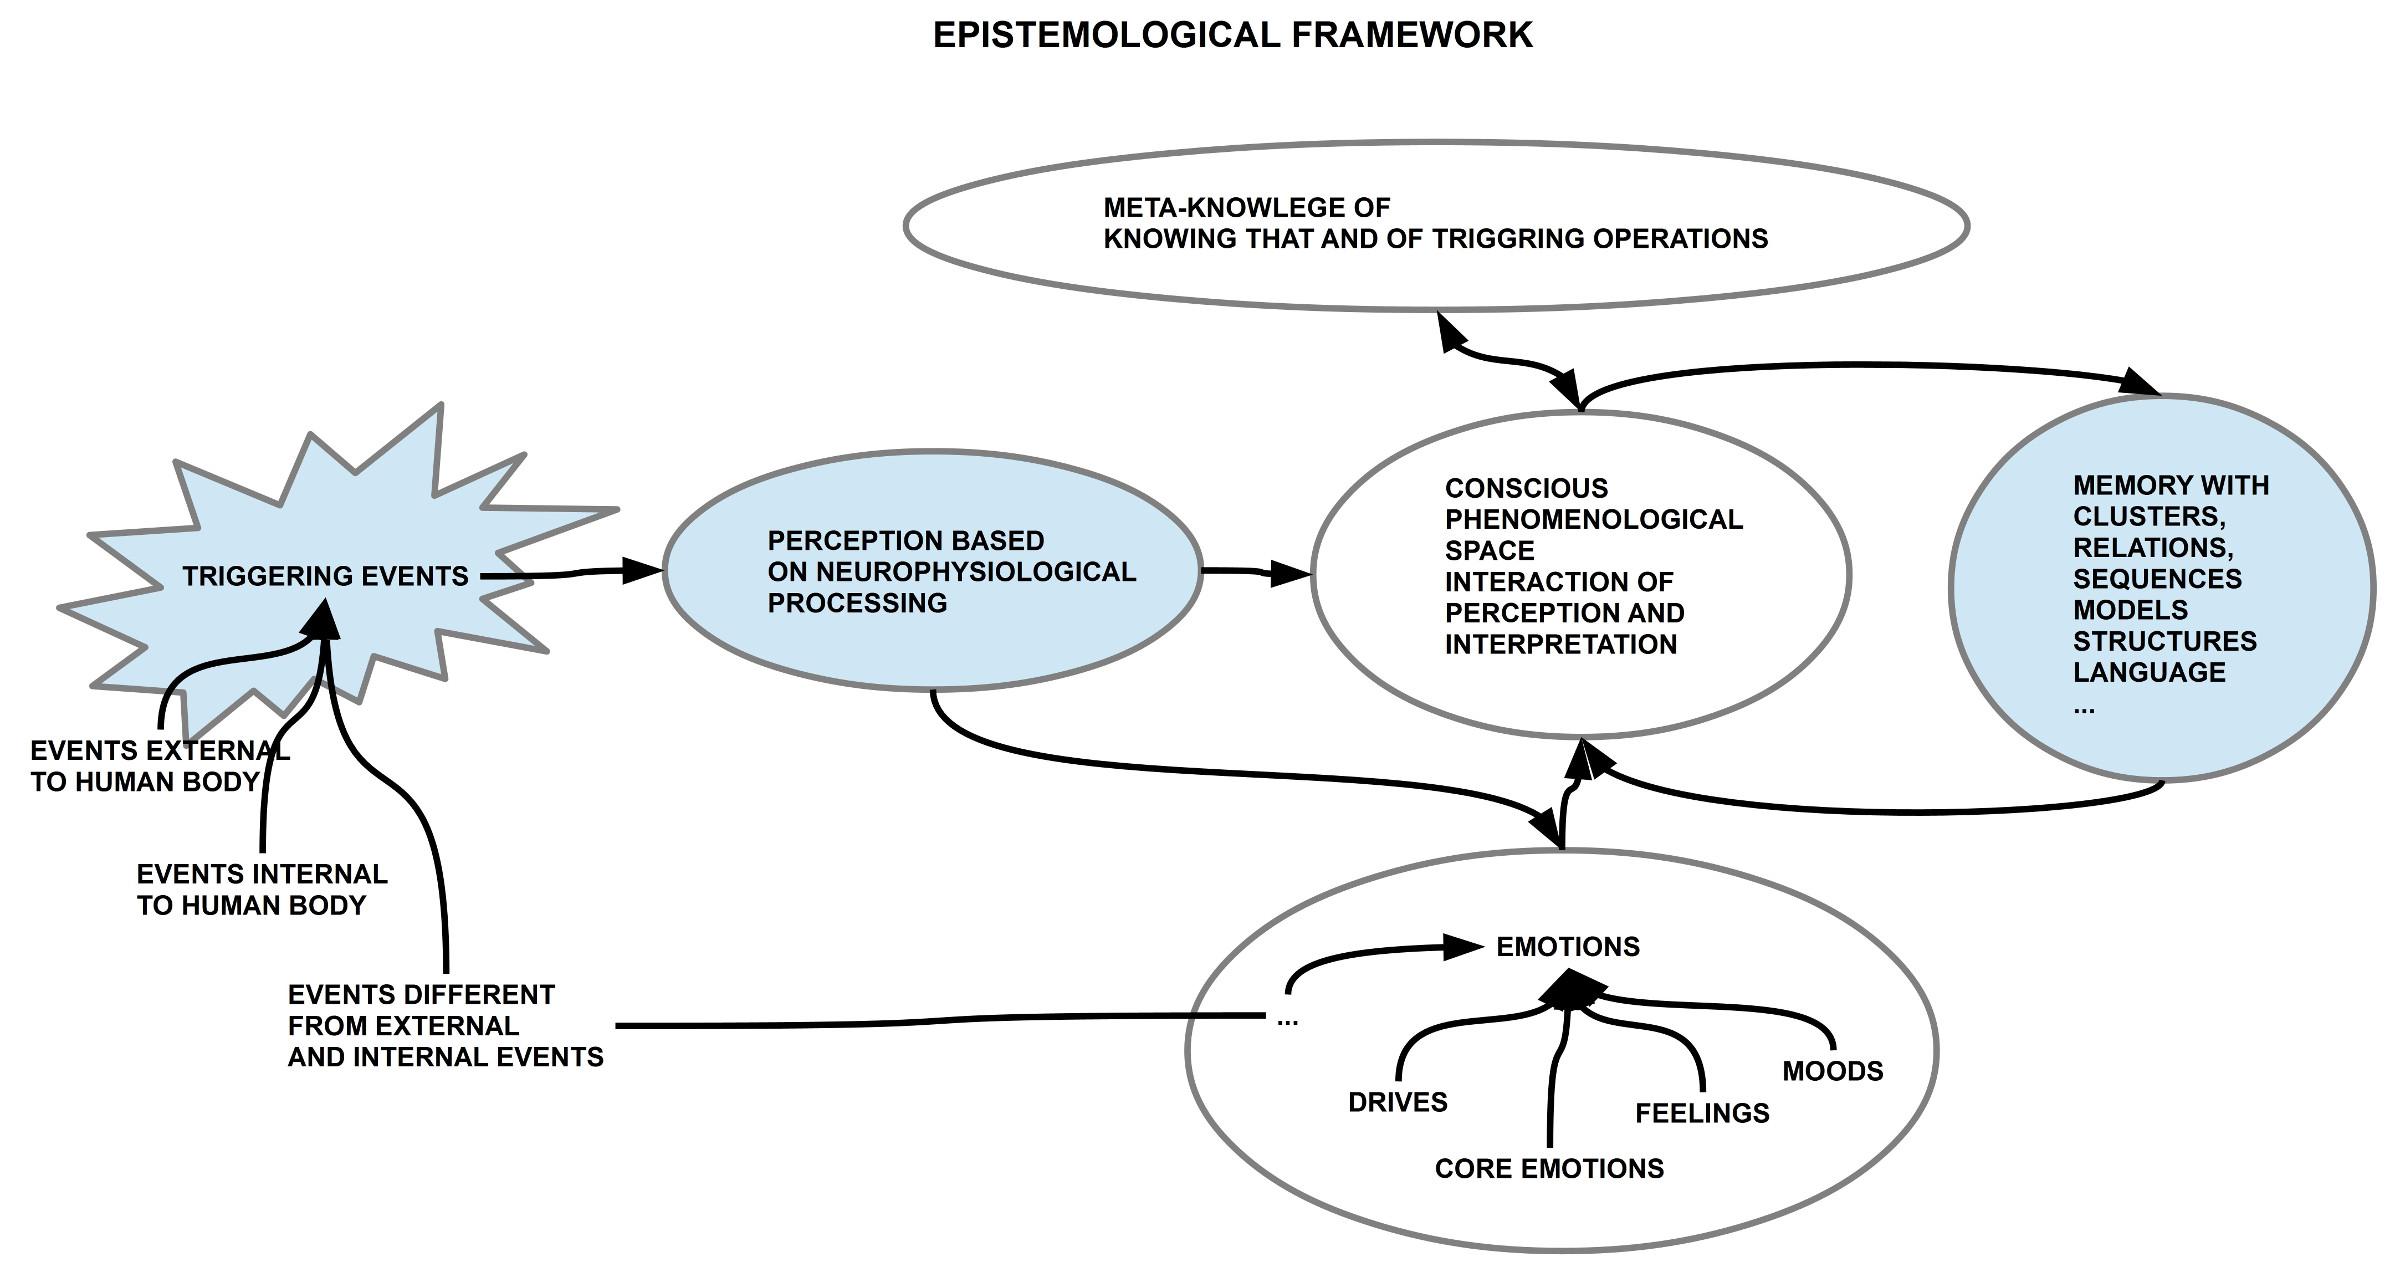 Erkenntnistheoretischer Rahmen für die Analyse mystischer Erfahrungen